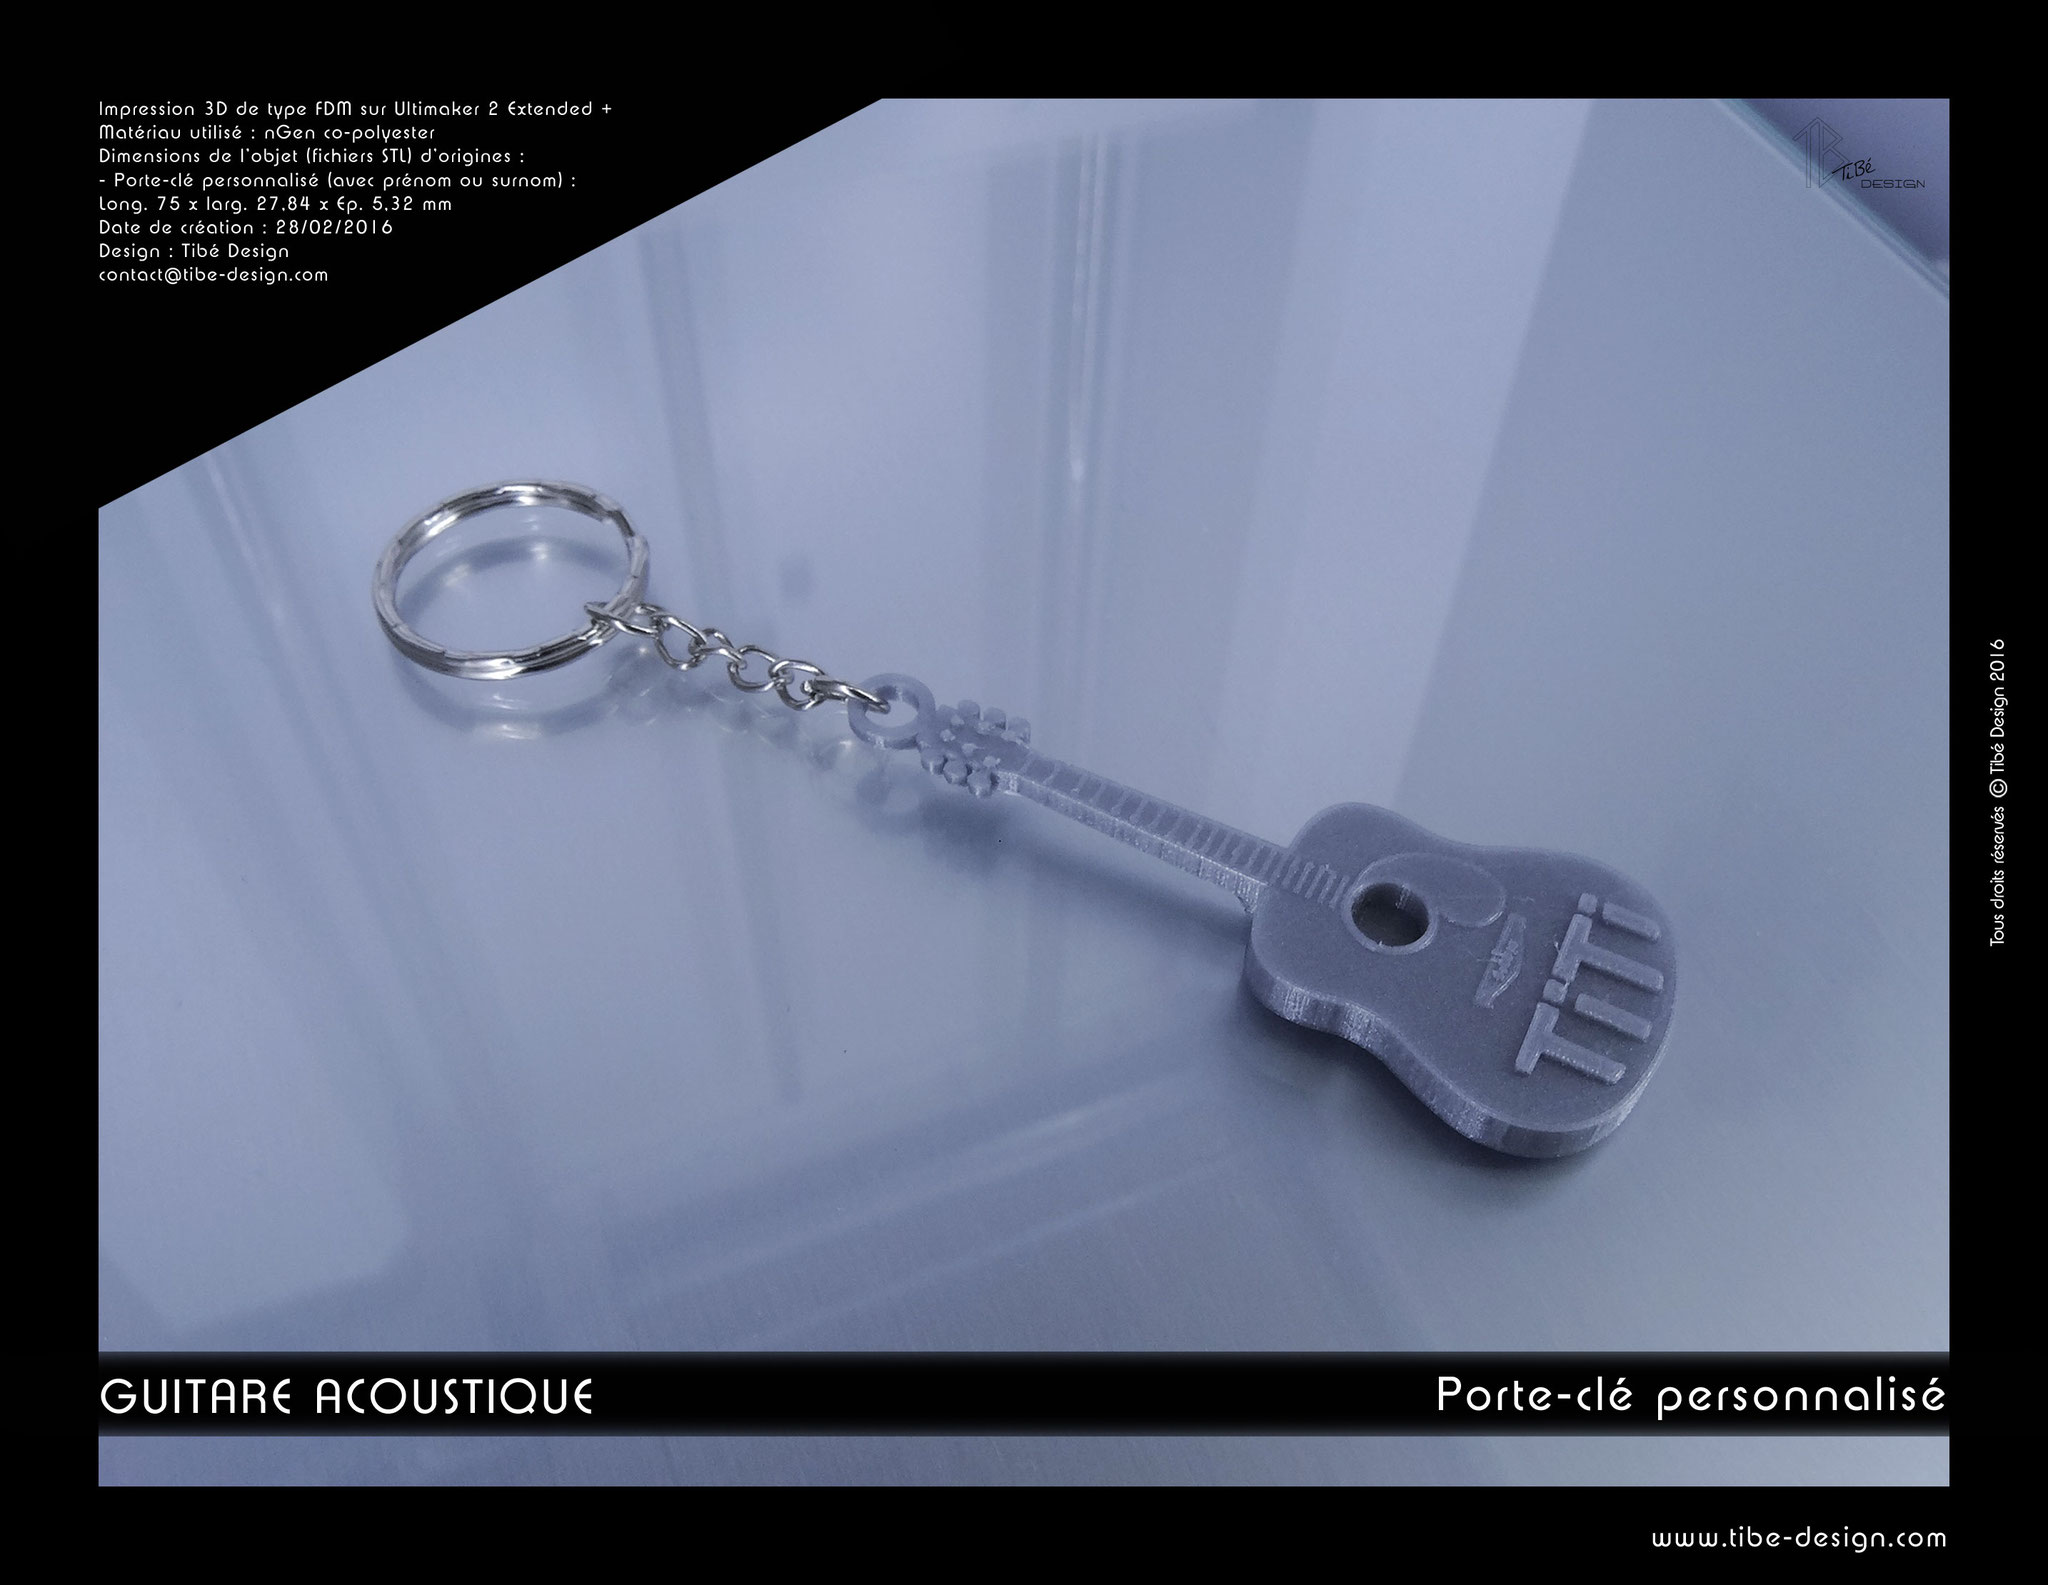 Porte-clés personnalisé Guitare acoustique